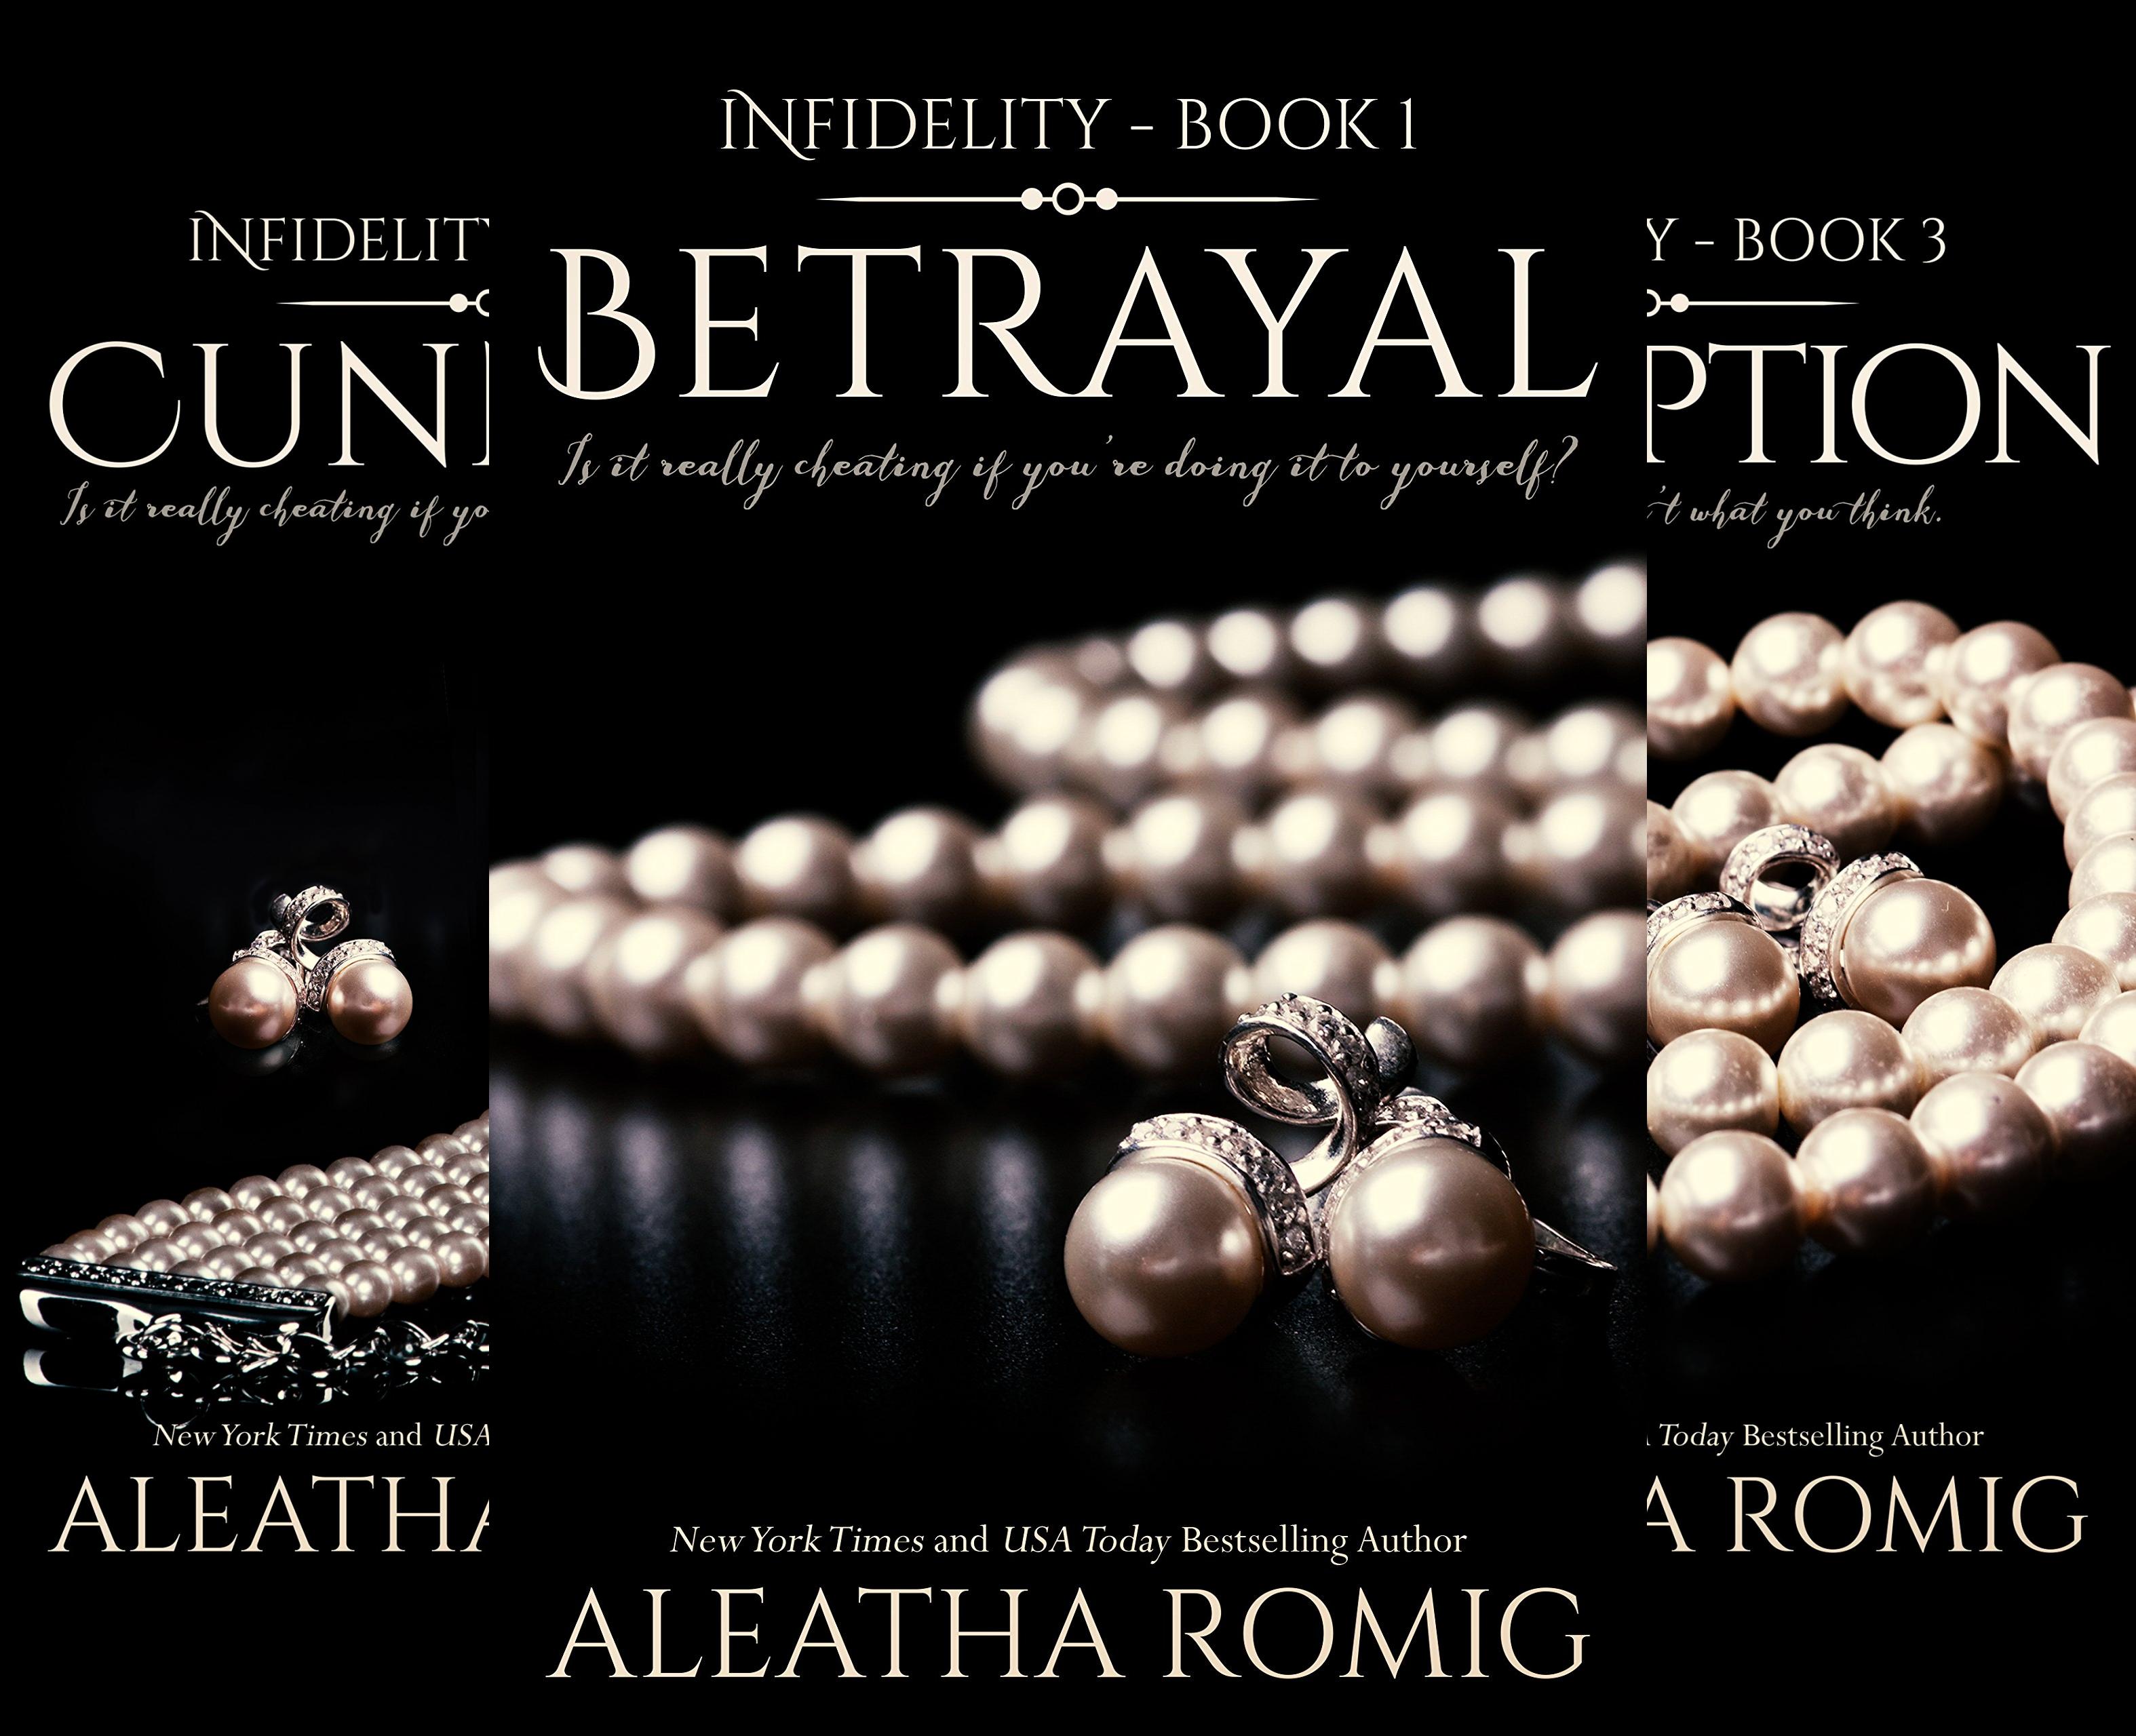 infidelity-5-book-series